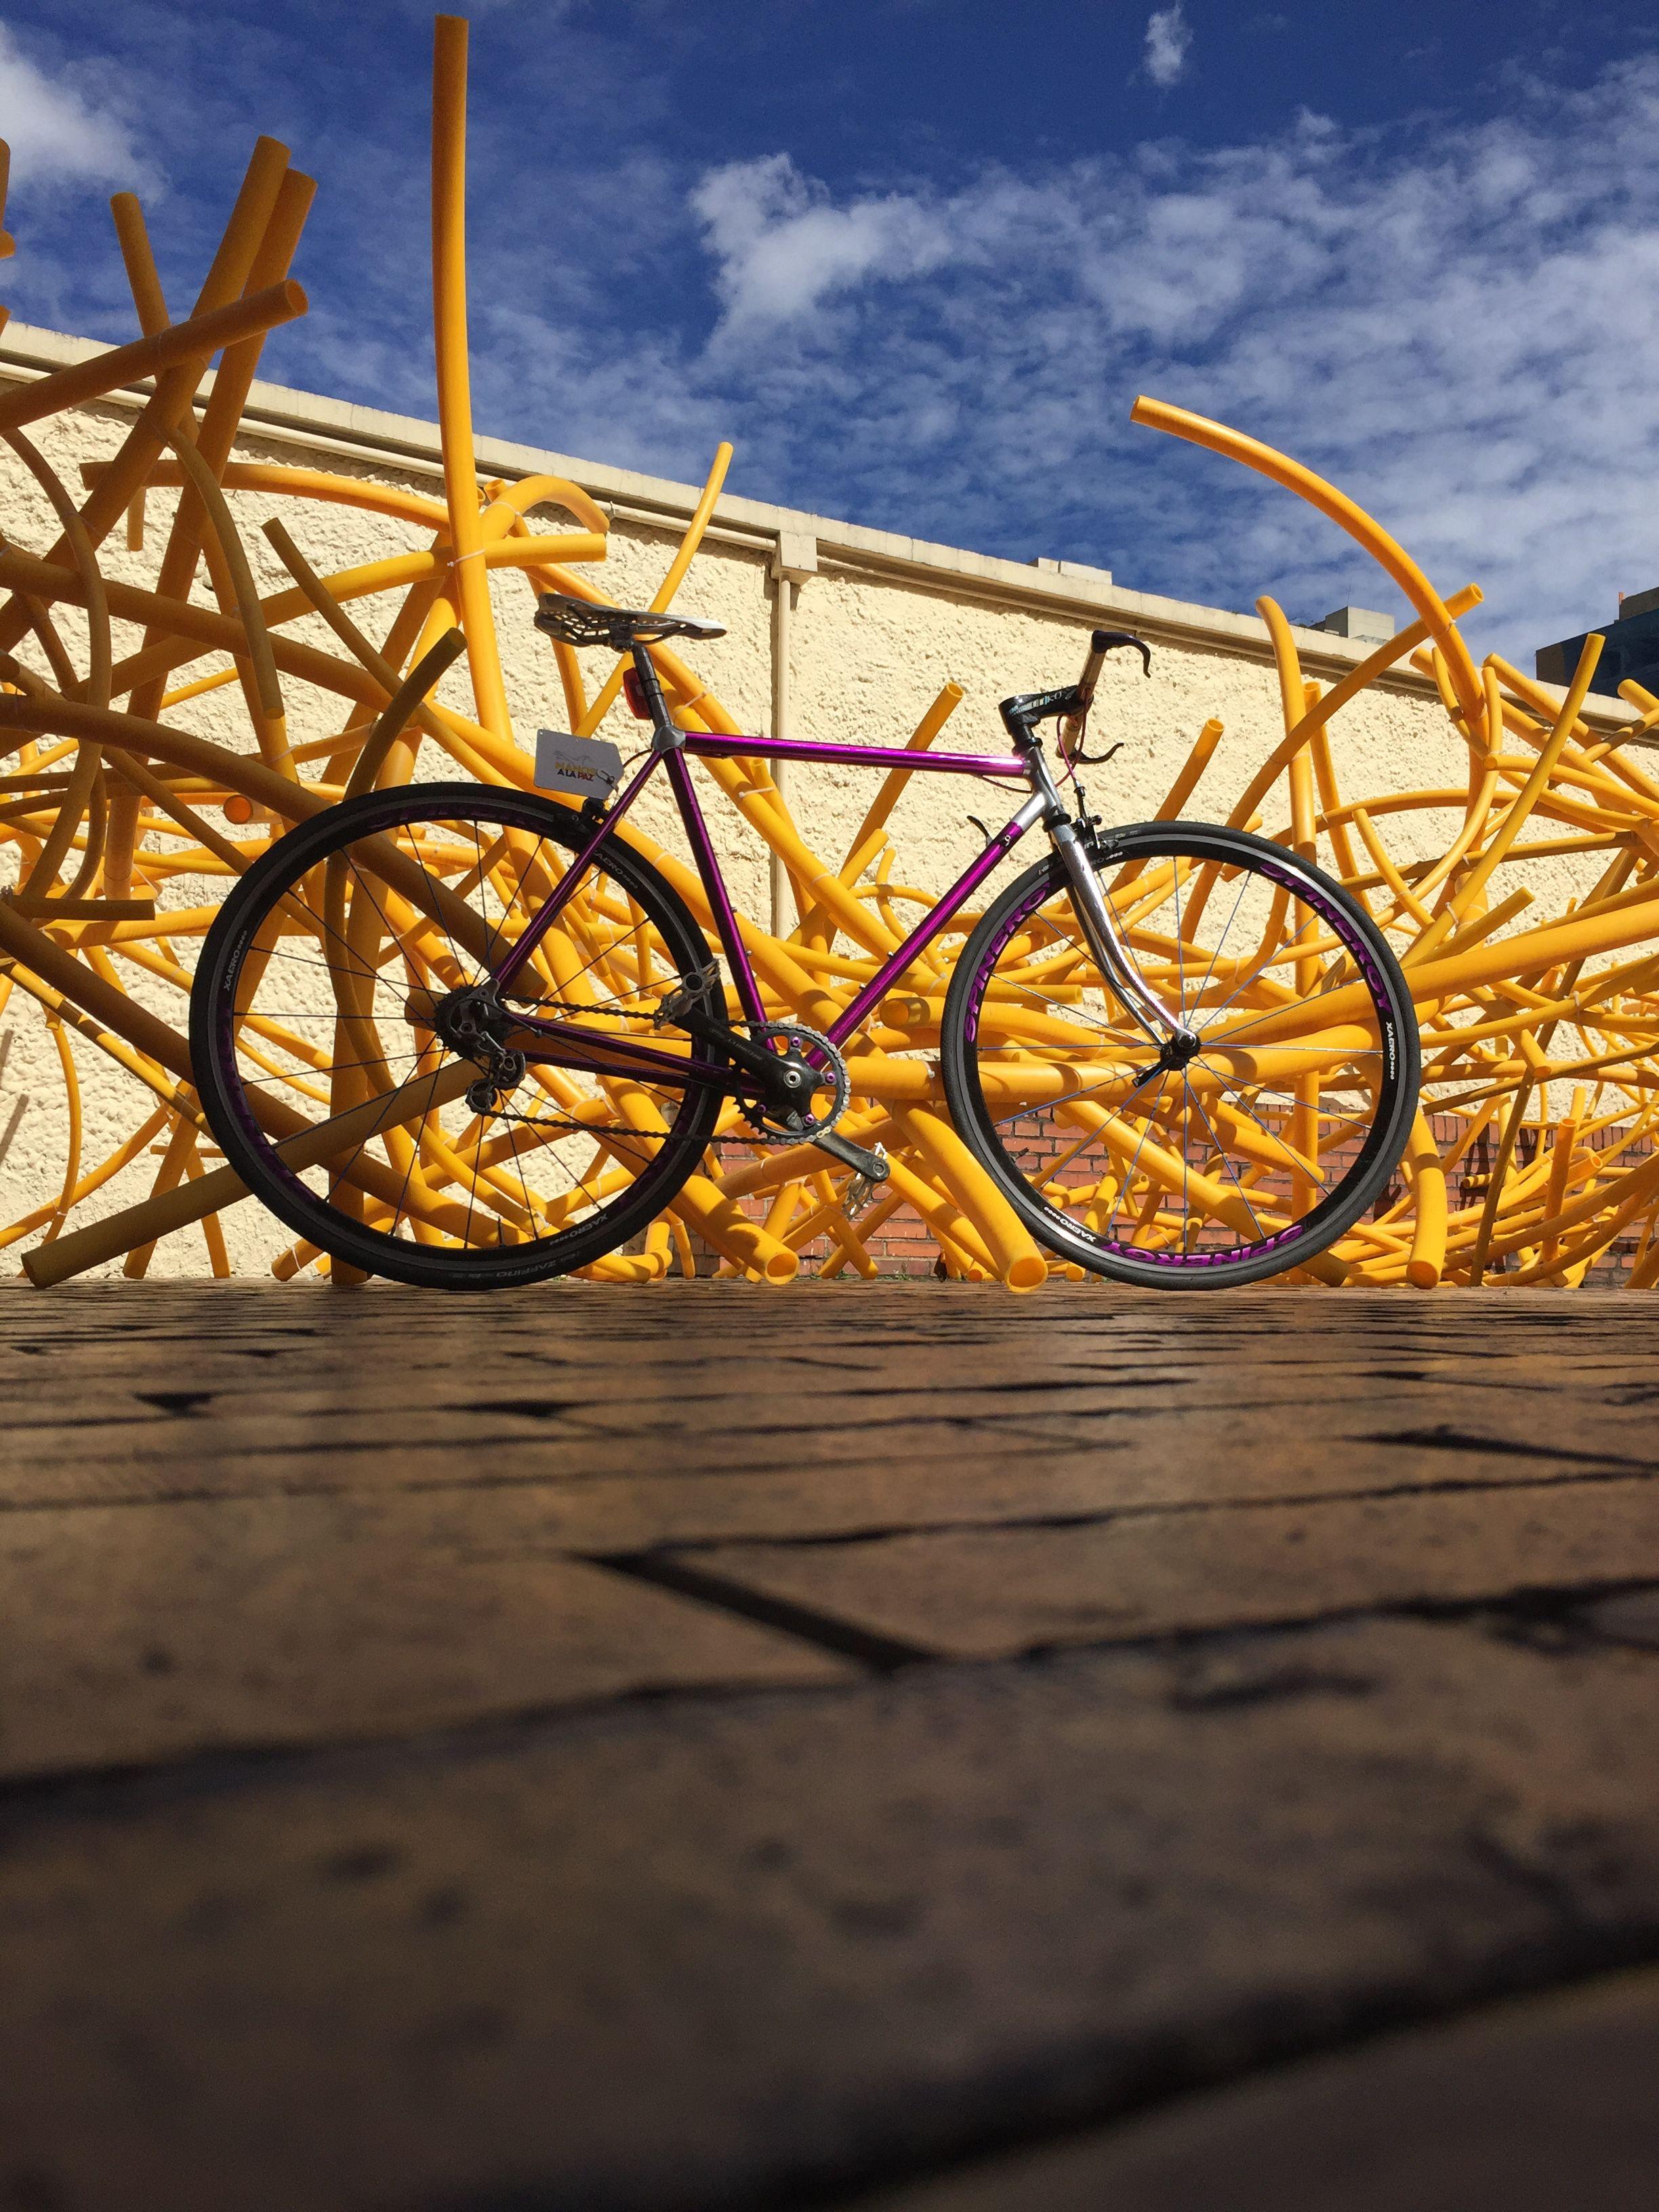 Vitus bike 797 purple Fixie